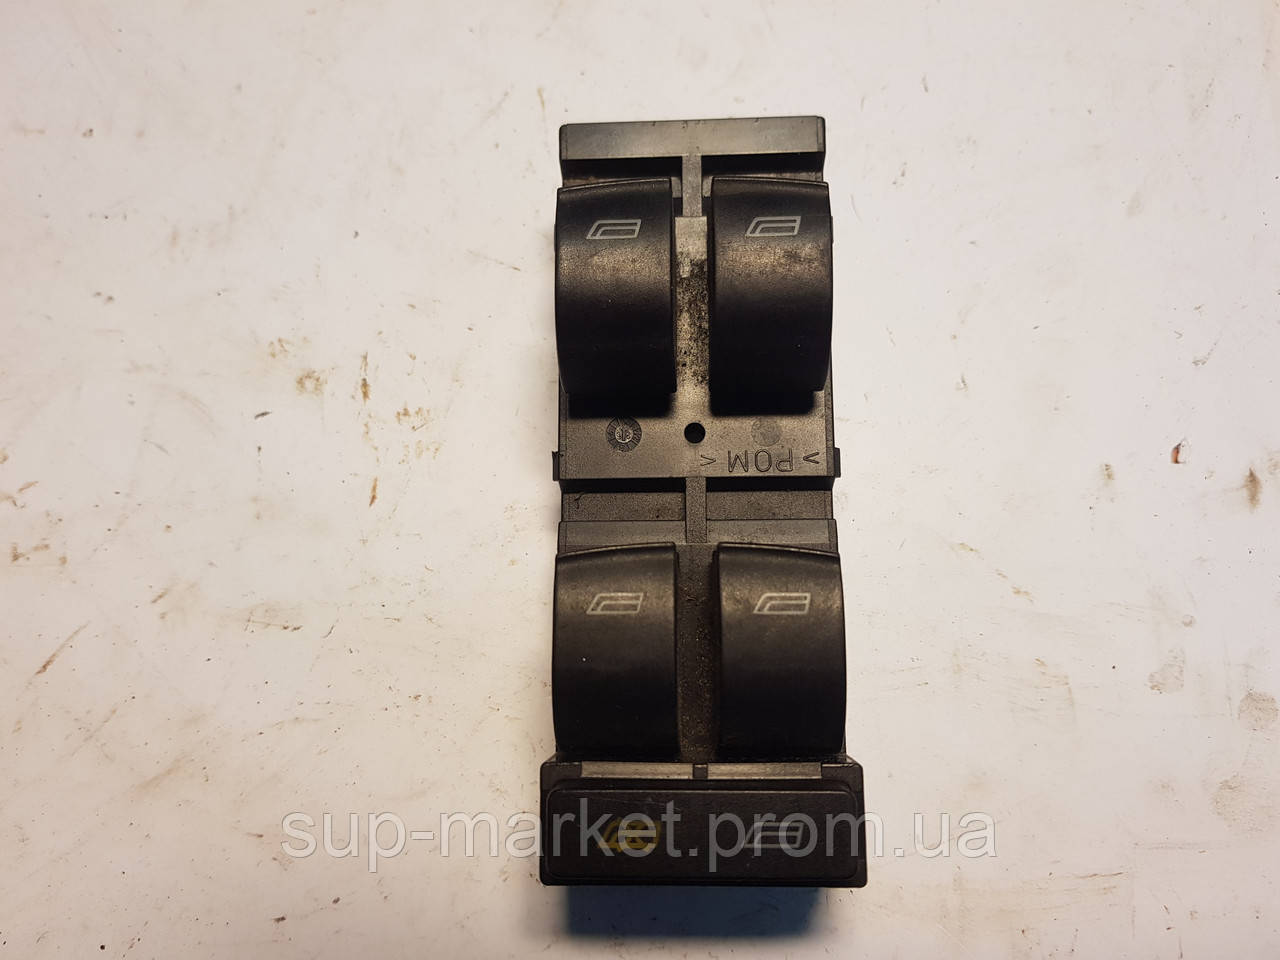 4B0959851 Блок управления стеклоподъемниками для  A6 C5 2.5TDI 1997-2004